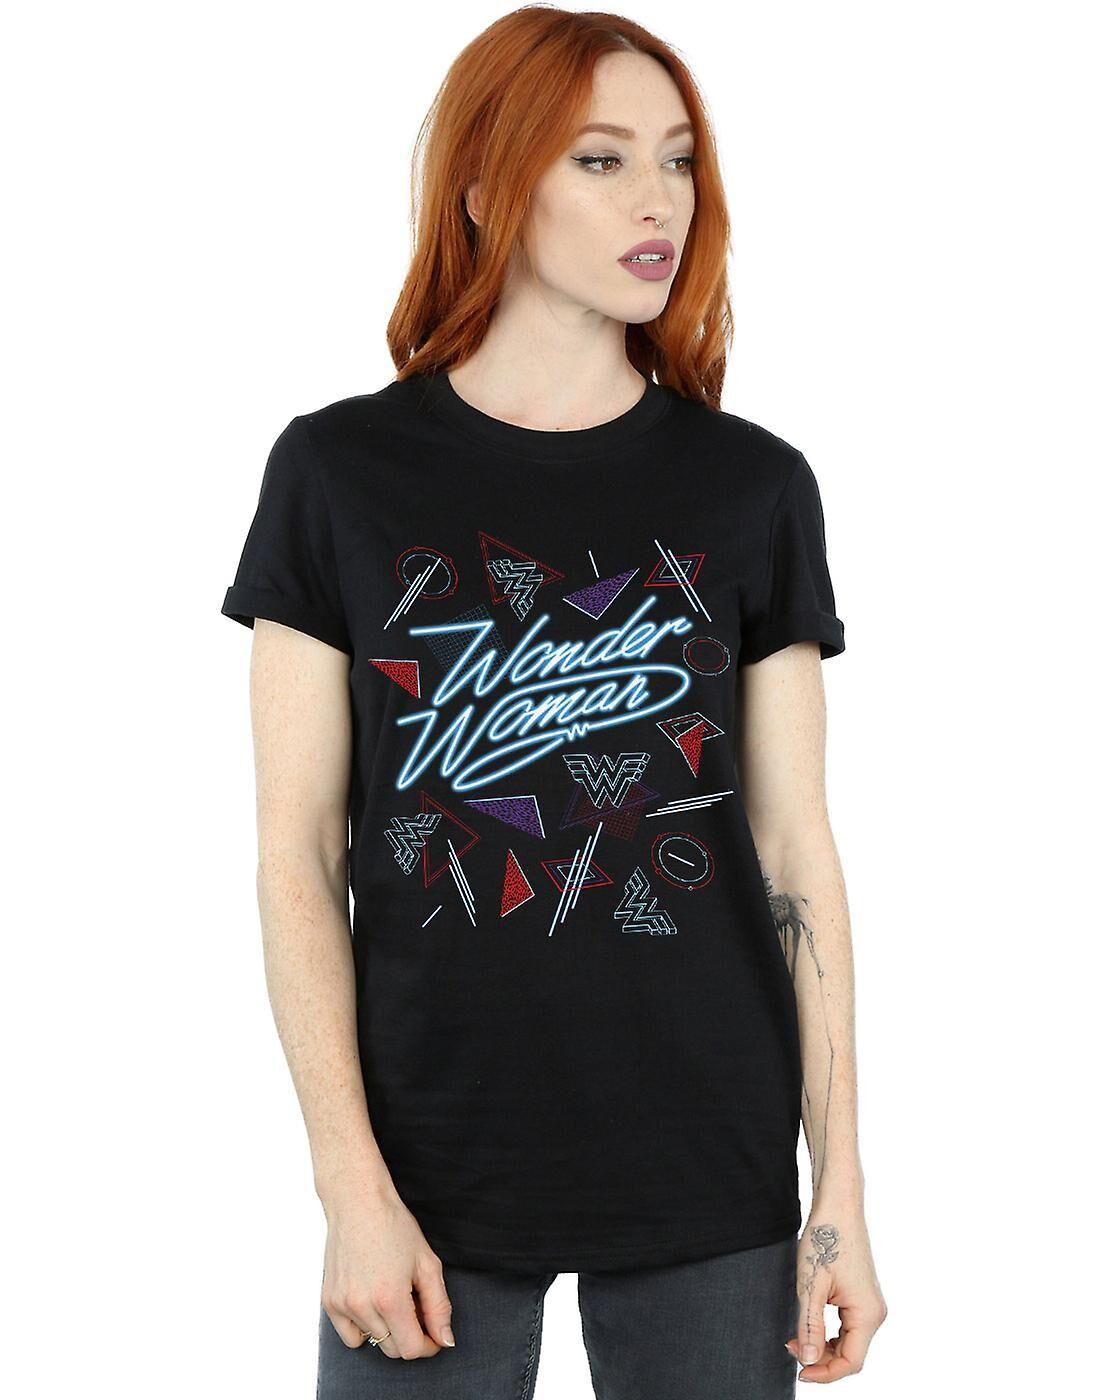 Absolute Cult DC Comics Femmes-apos;s Wonder Woman 84 80s Mix Boyfriend Fit T-Shirt Noir XXXX-Large